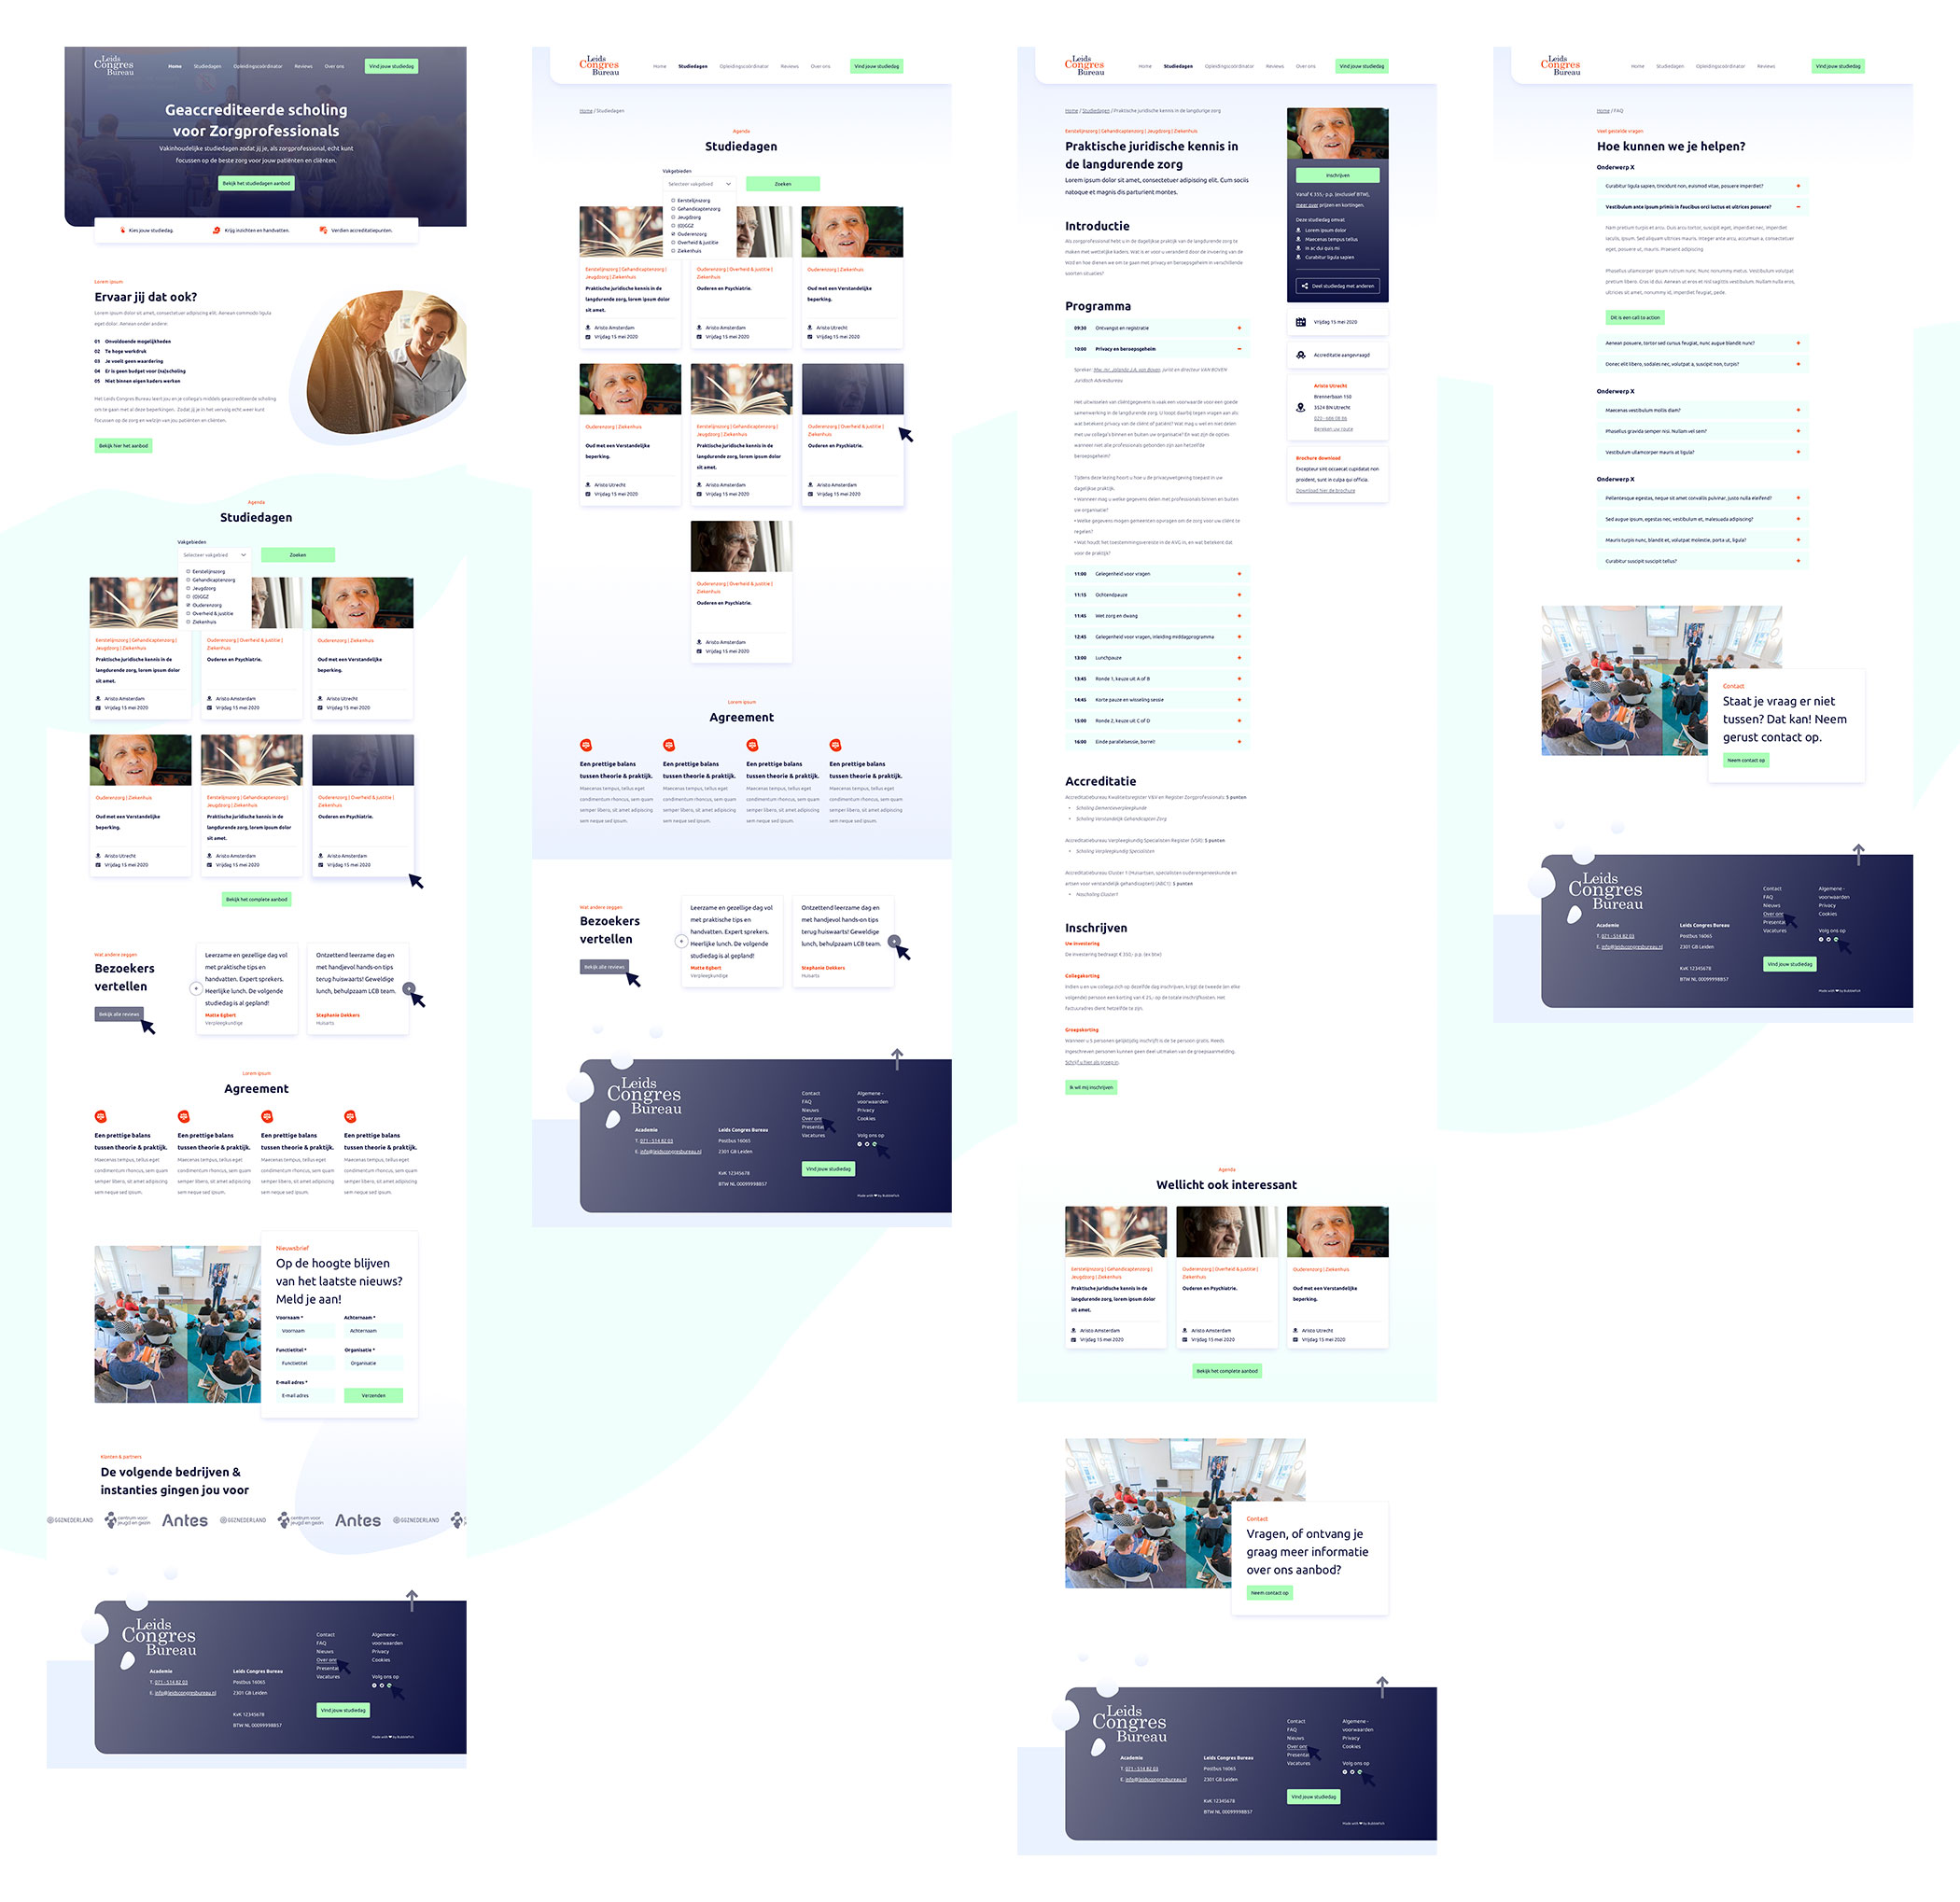 Afbeelding met een viertal template ontwerpen uit het volledige ontwerp om en totaalbeeld te geven